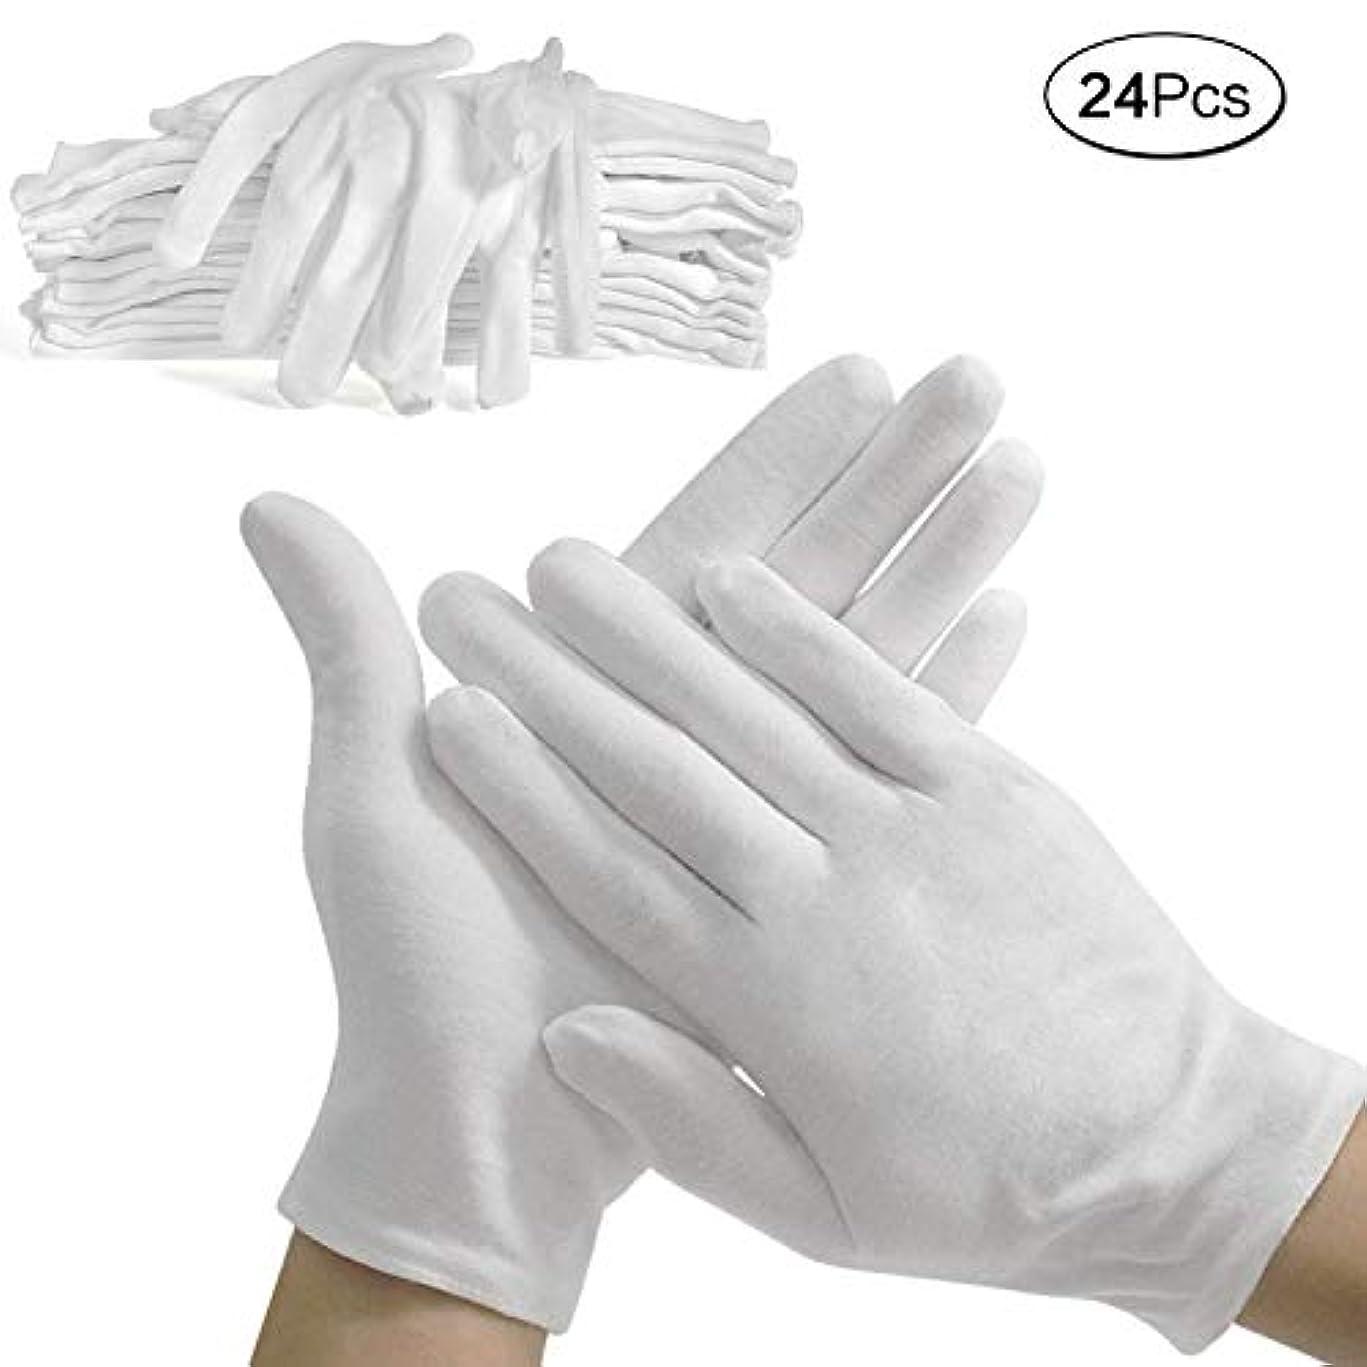 側レッドデート信じられない使い捨て手袋 綿手袋 コットン手袋 純綿100% 薄手 白手袋 メンズ レディース 手荒れ防止 おやすみ 湿疹用 乾燥肌用 保湿用 礼装用 作業用 24PCS(白, L)